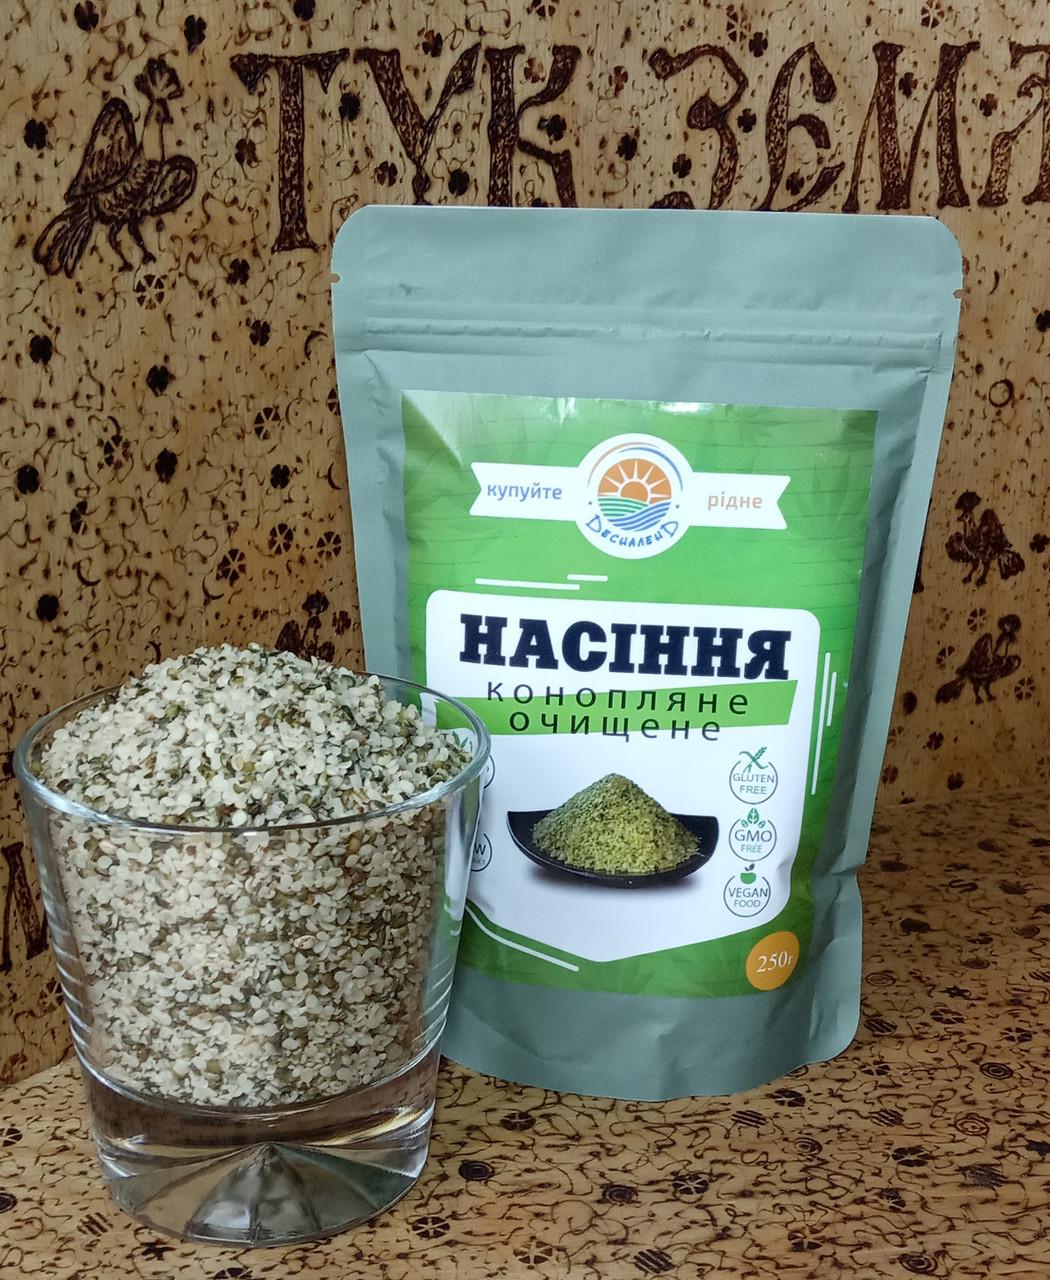 Заказать через интернет семена конопли сроки выращивания конопли на гидропонике